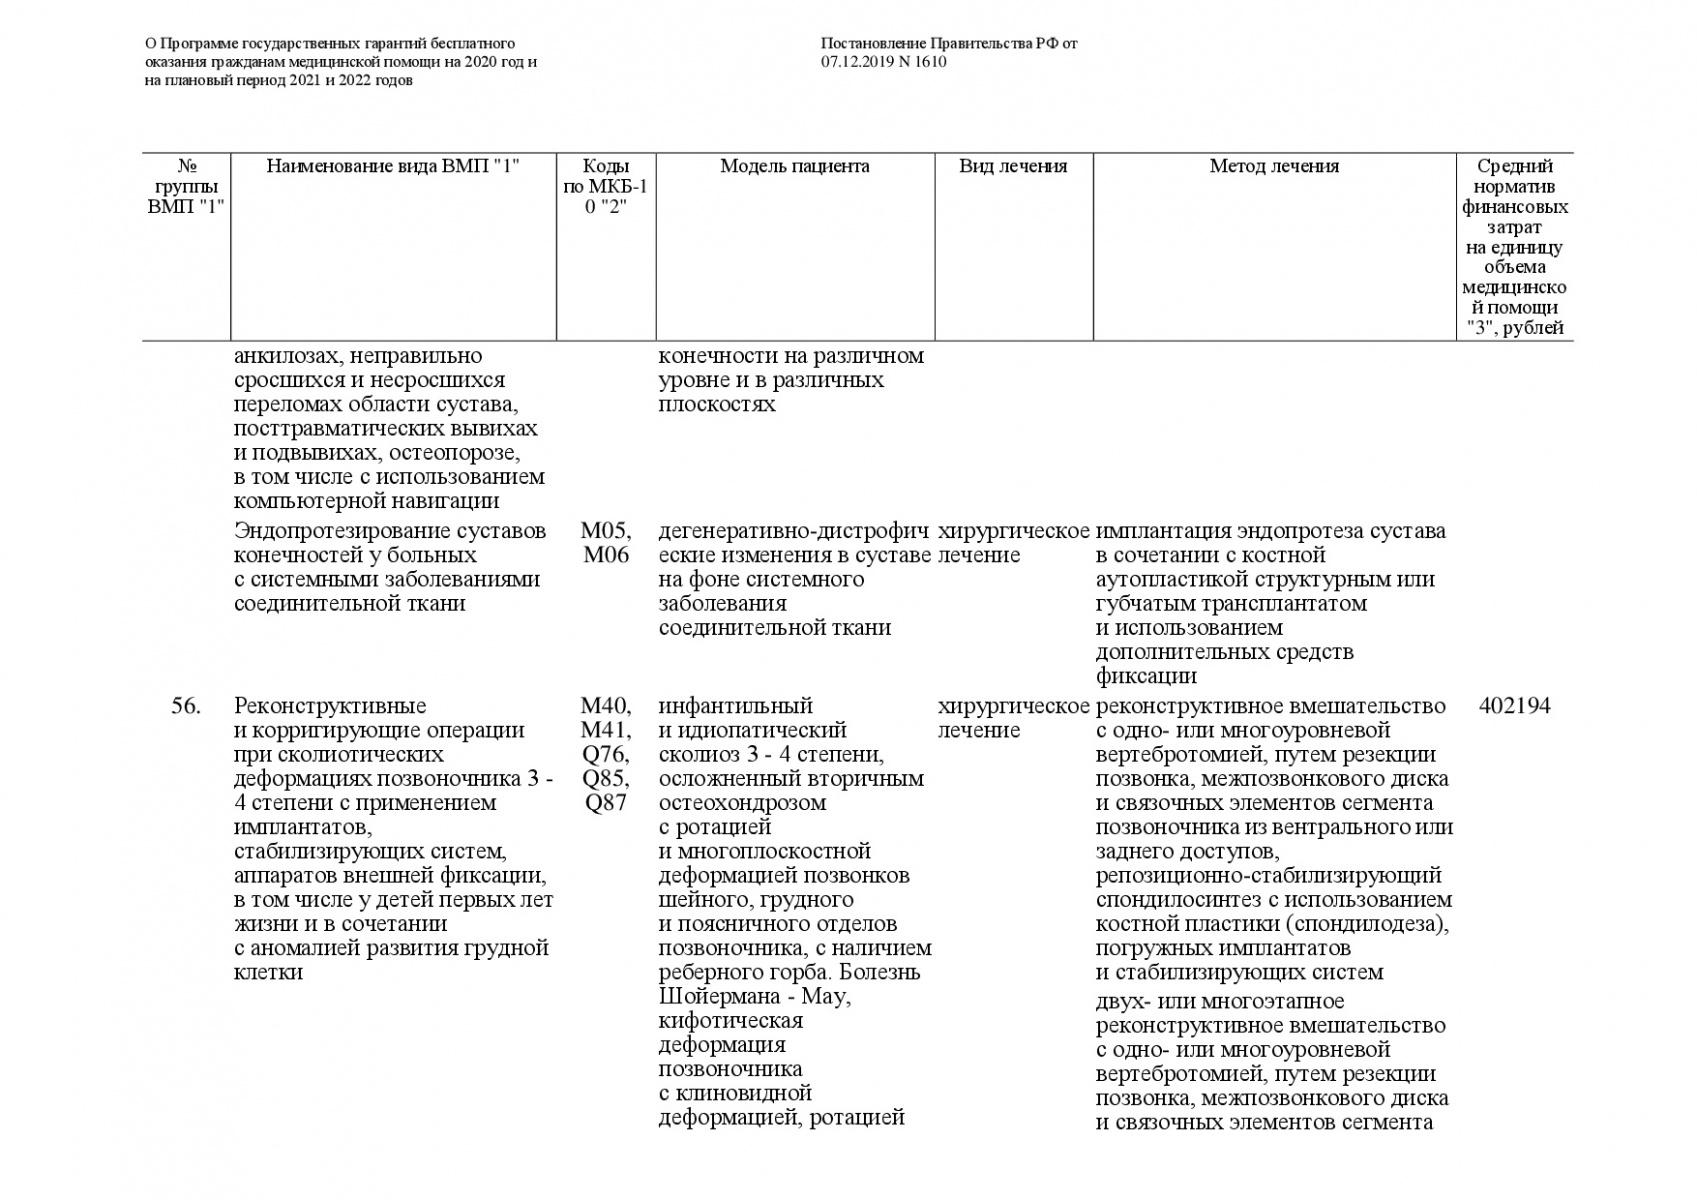 Postanovlenie-Pravitelstva-RF-ot-07_12_2019-1610-O-PGG-278